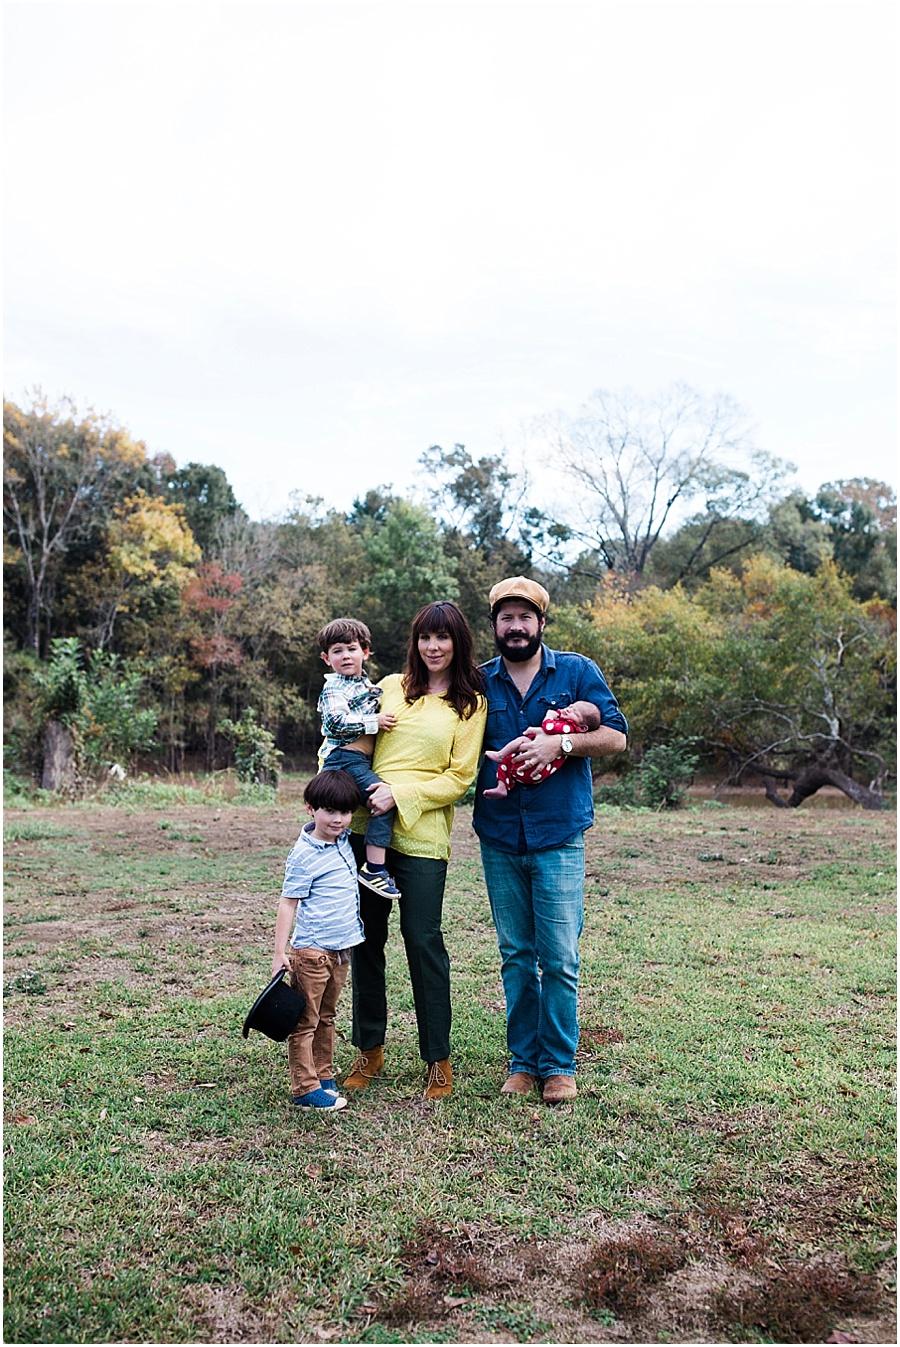 Moroux-Family-2016-November-2306.jpg